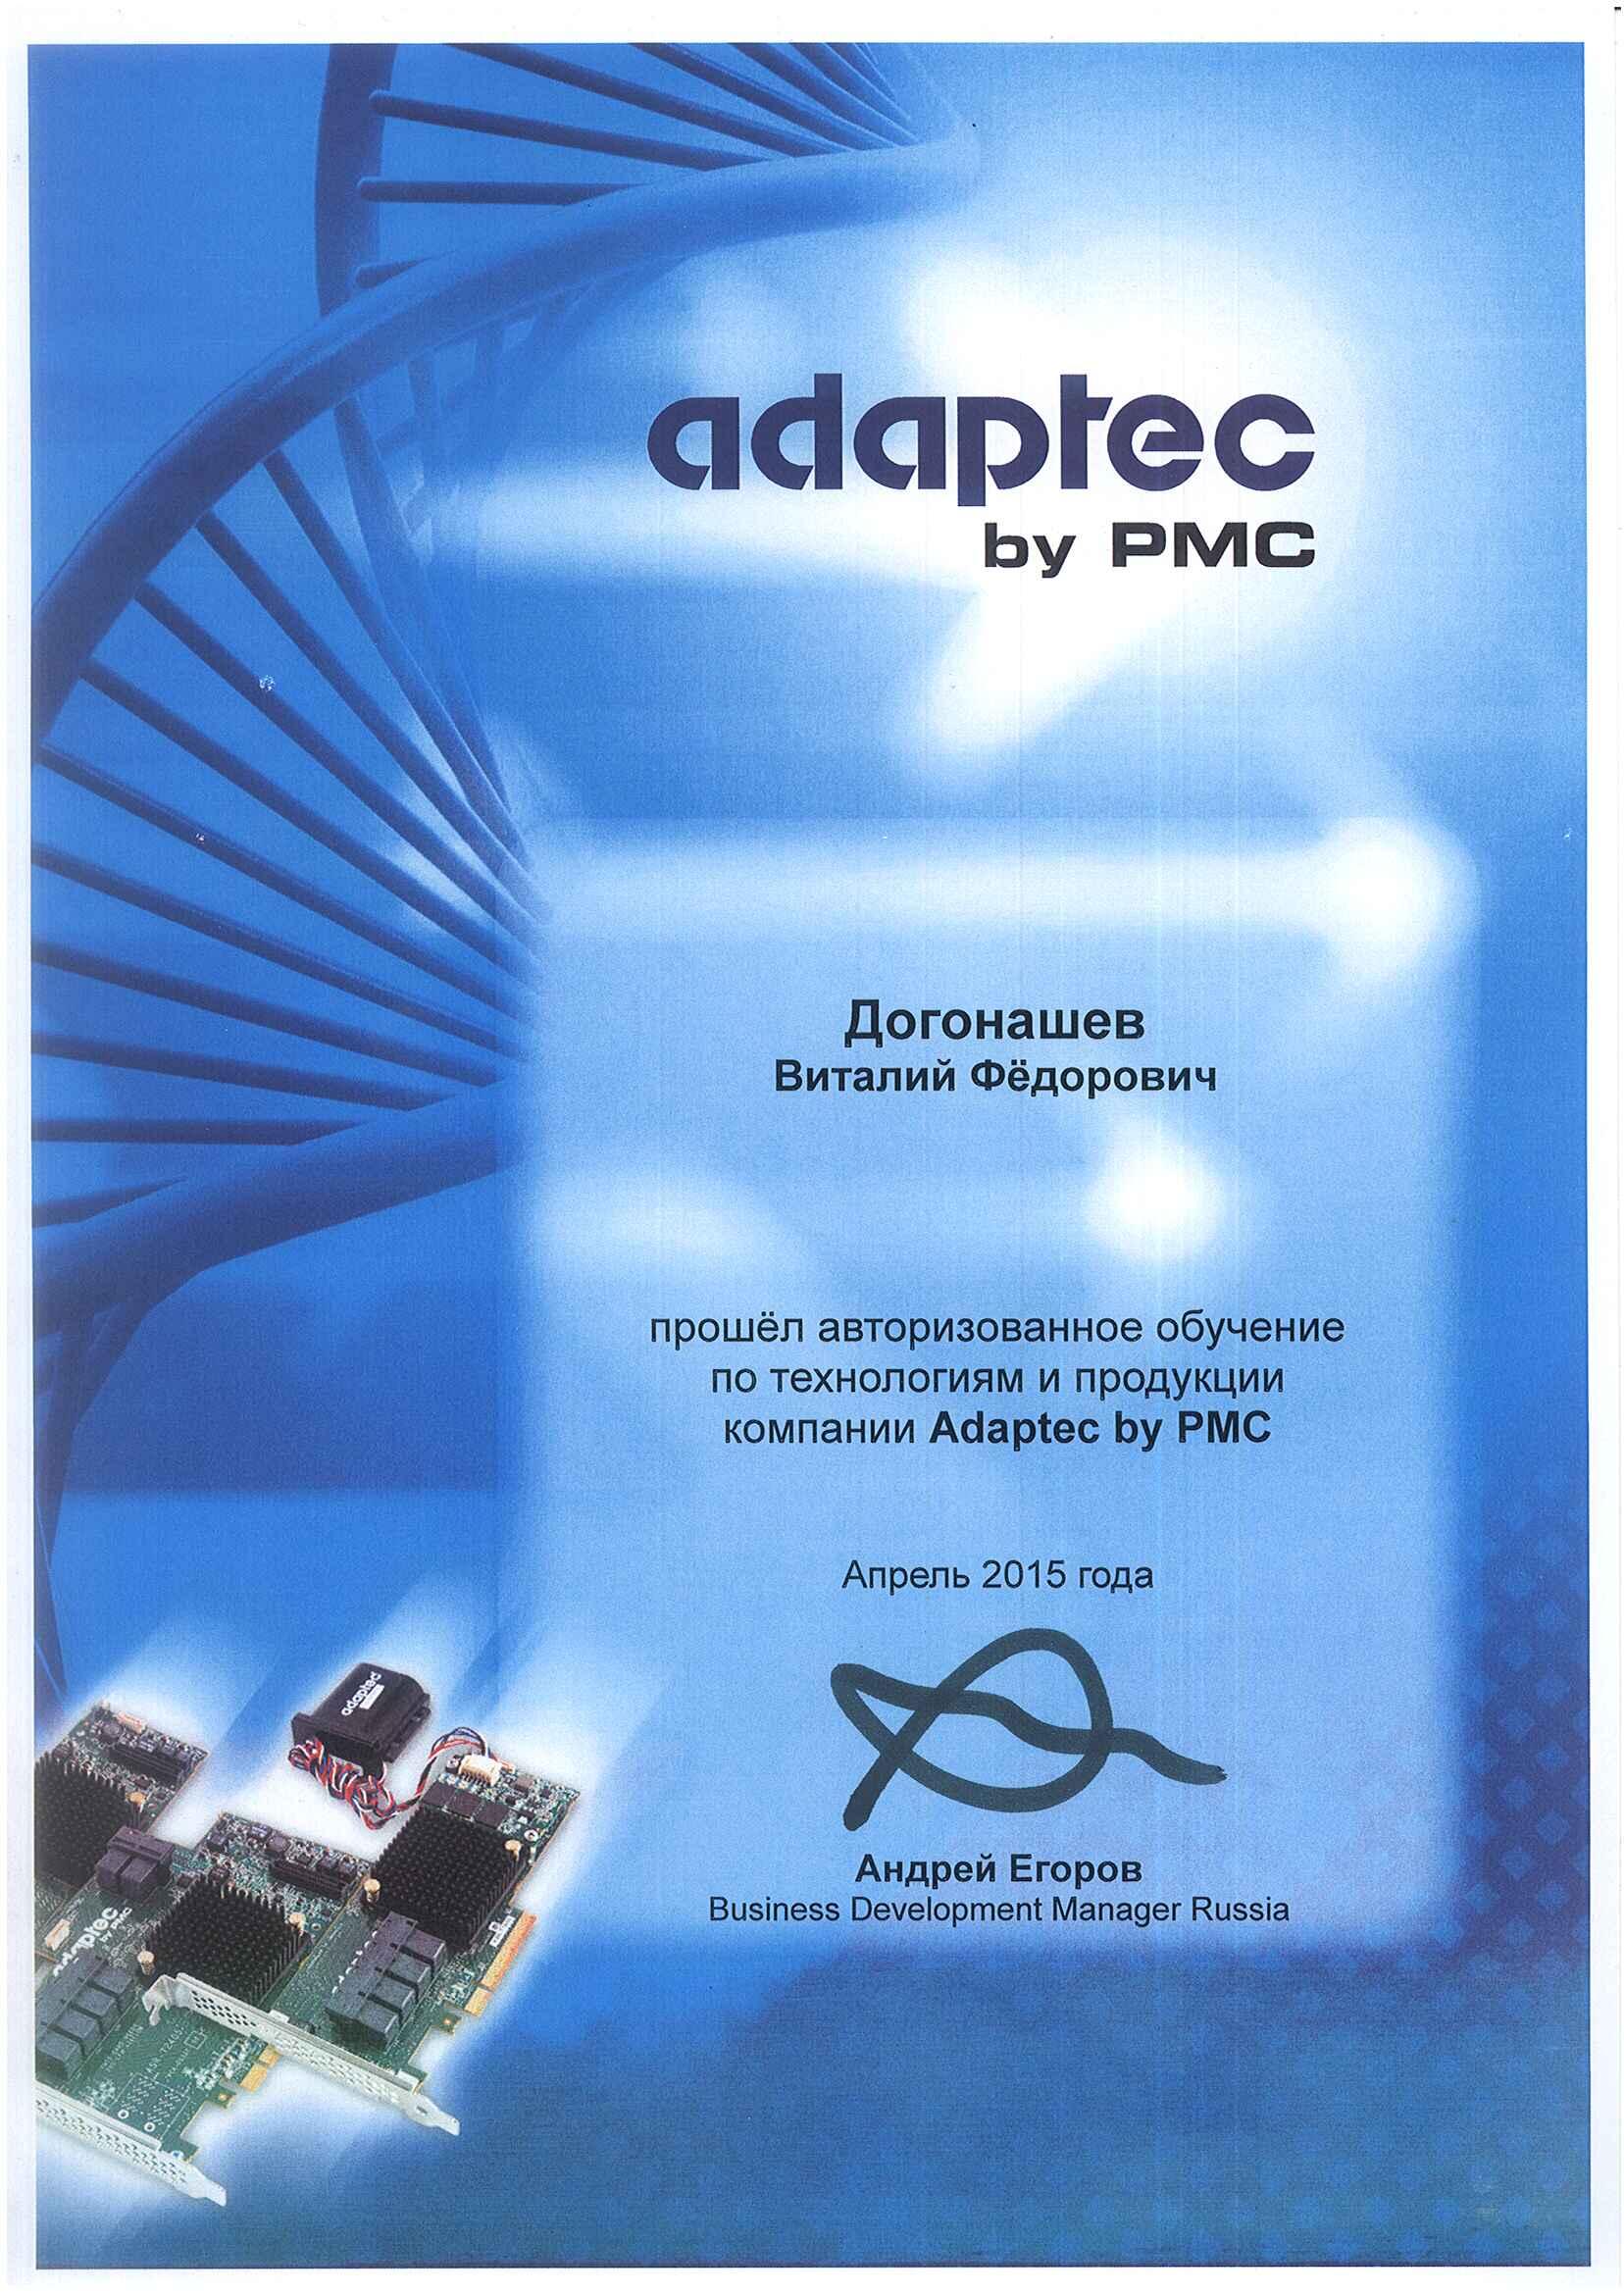 Сертификат Adaptec-Догонашев Виталий Федорович